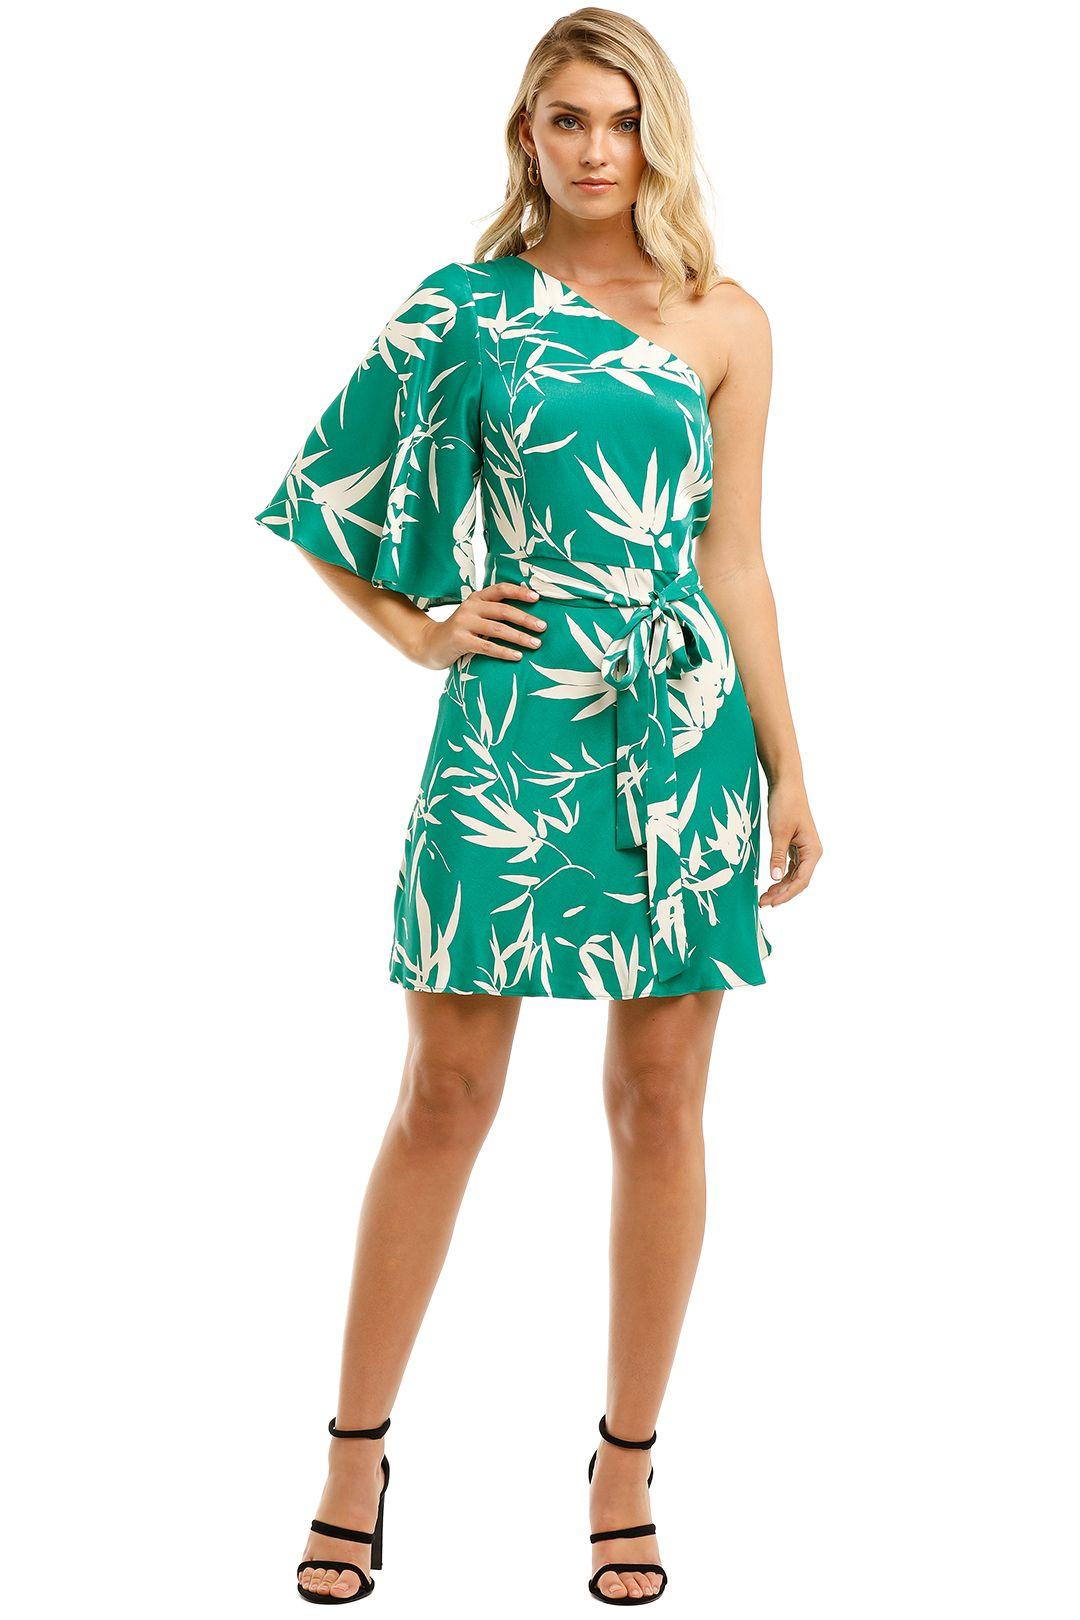 Shona-Joy-Ellis-One-Shoulder-Mini-Emerald-Ivory-Front